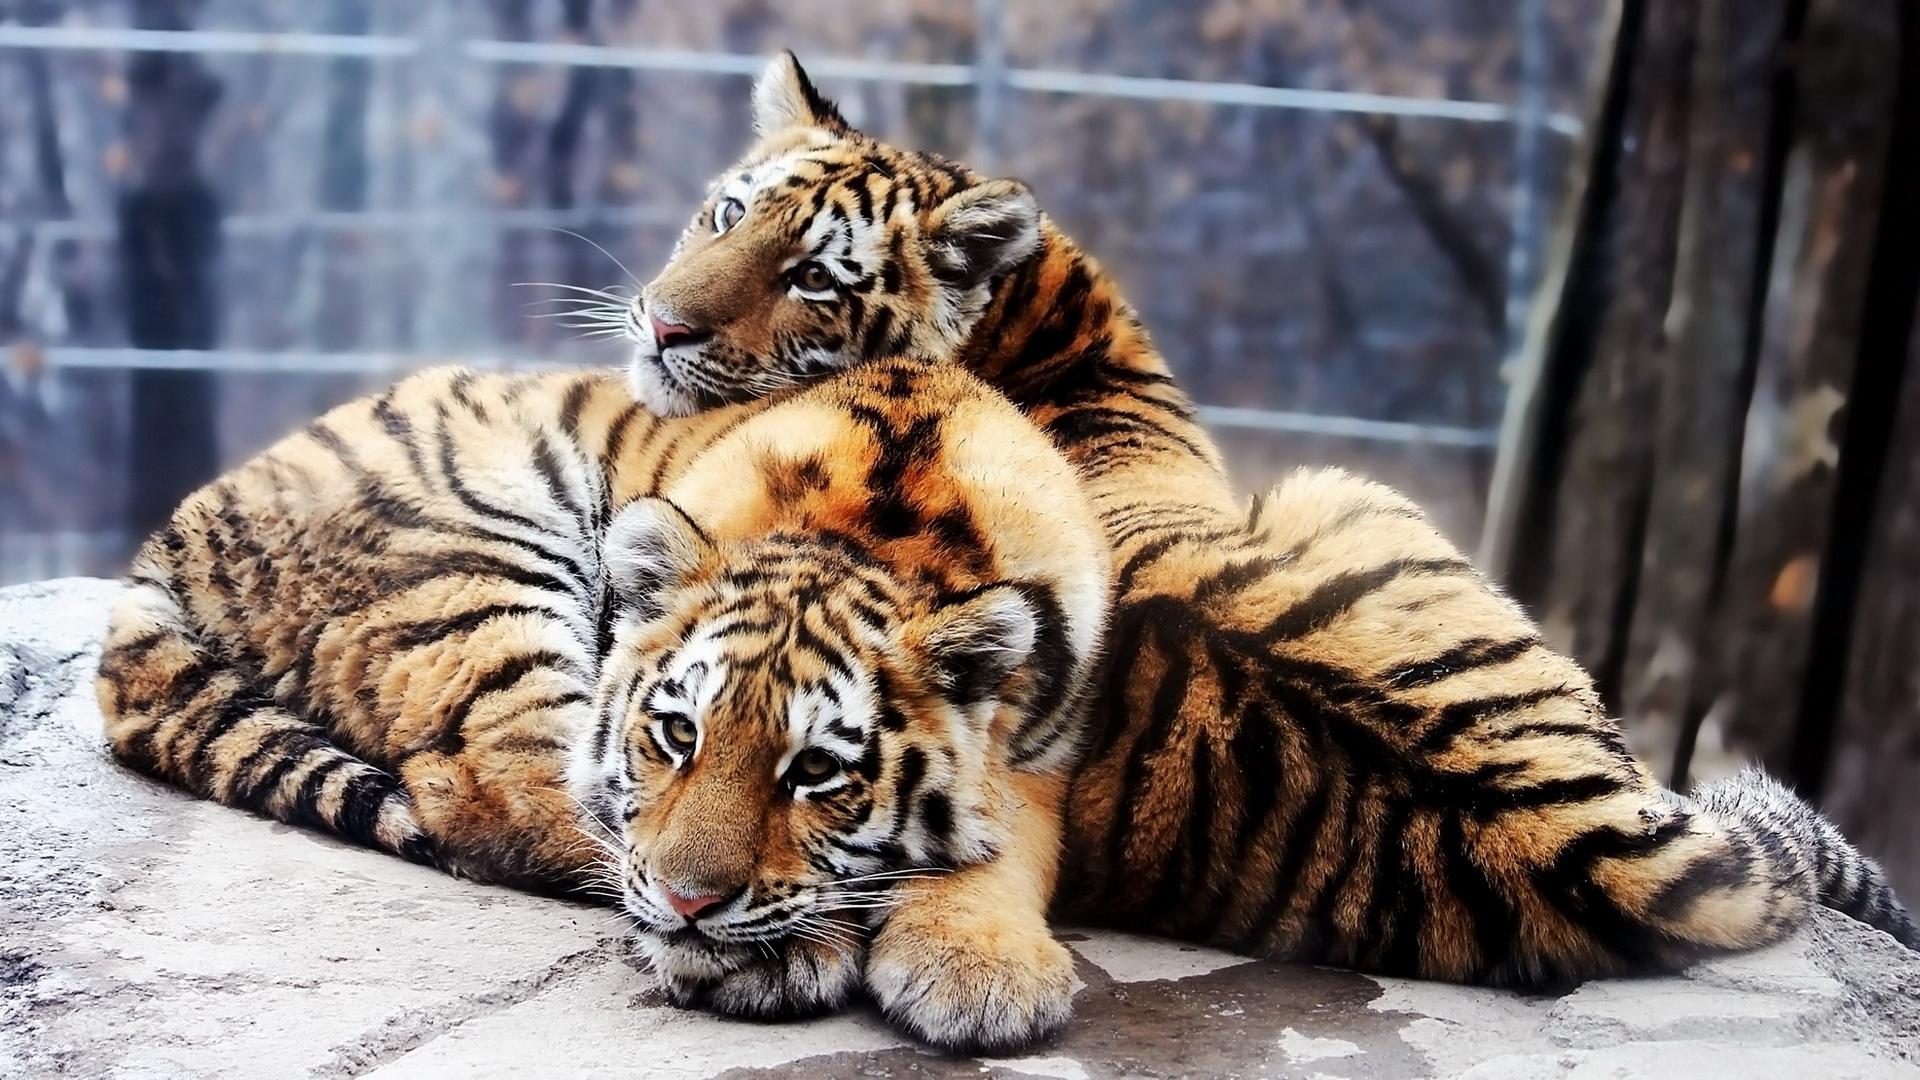 奇妙的动物世界绘画_绘画分享